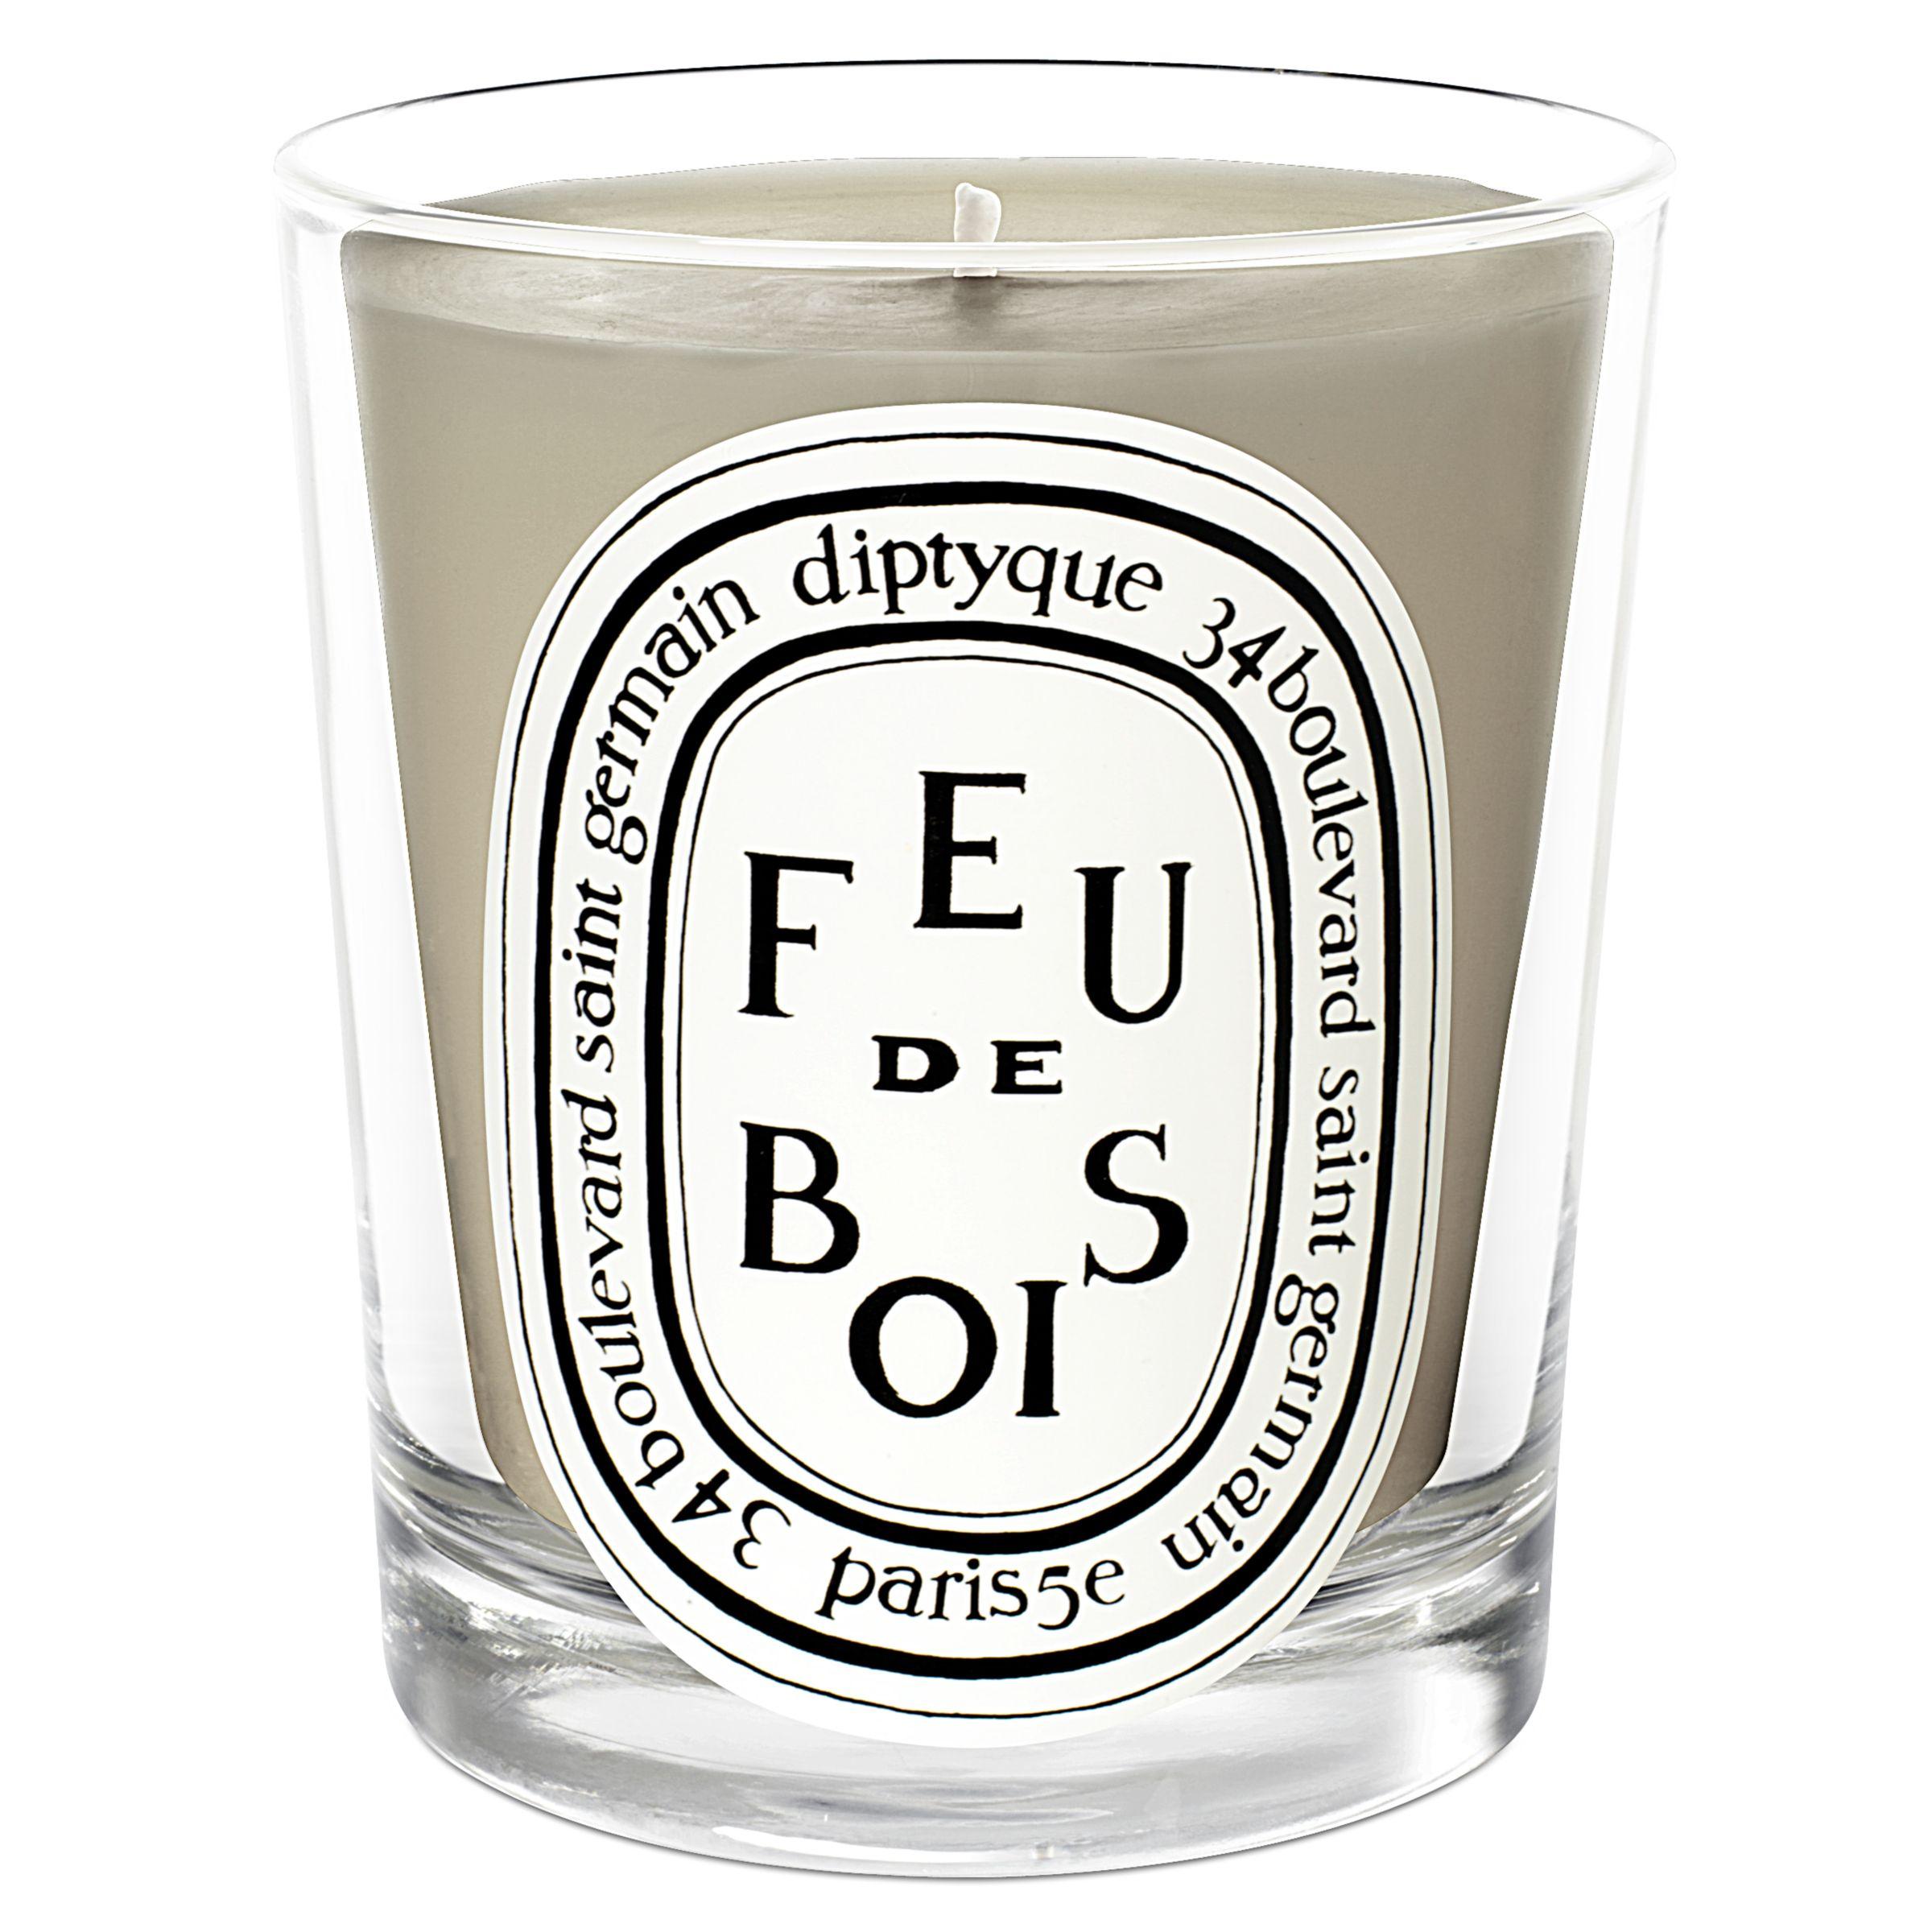 Diptyque Diptyque Feu de Bois Scented Candle, 190g